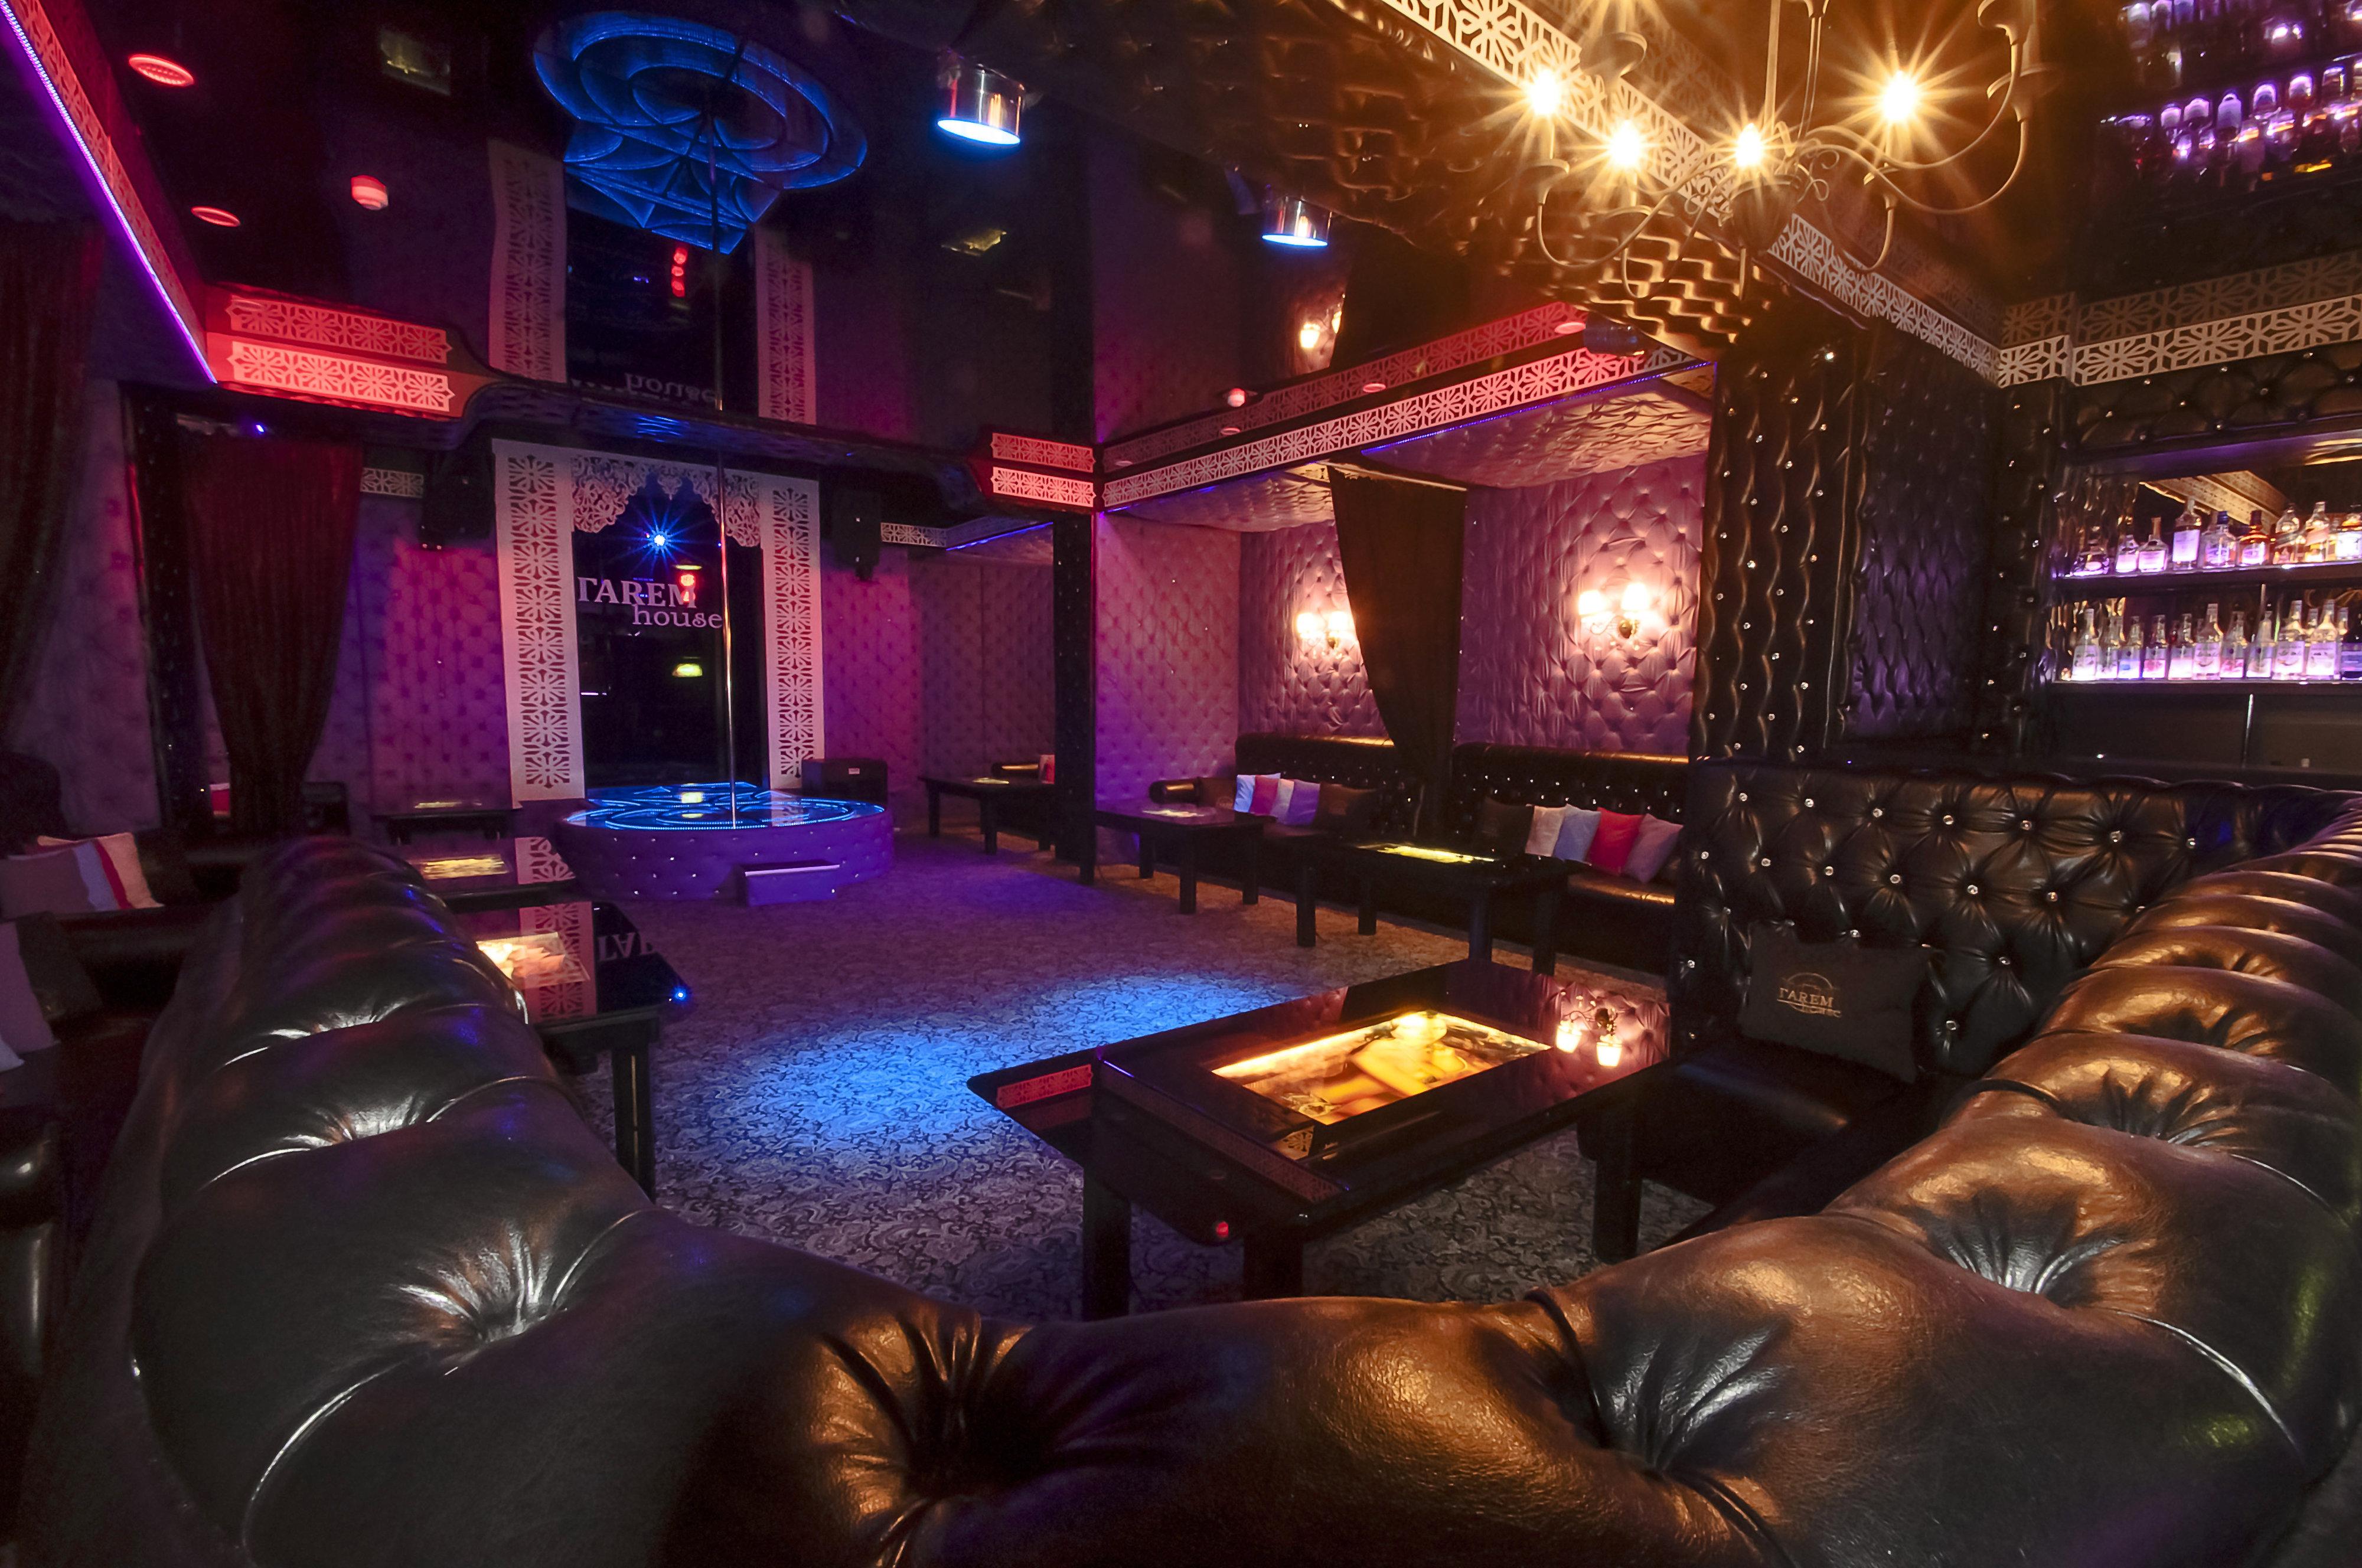 Ночной клуб тюмень дискотека самый большой ночной клуб красноярска